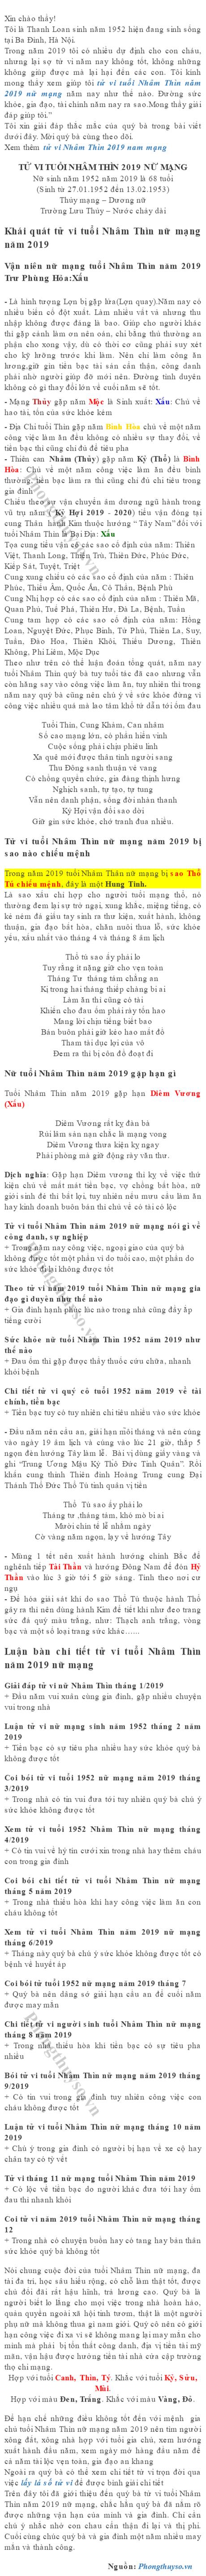 tu-vi-tuoi-nham-thin-nam-2019-nu-mang